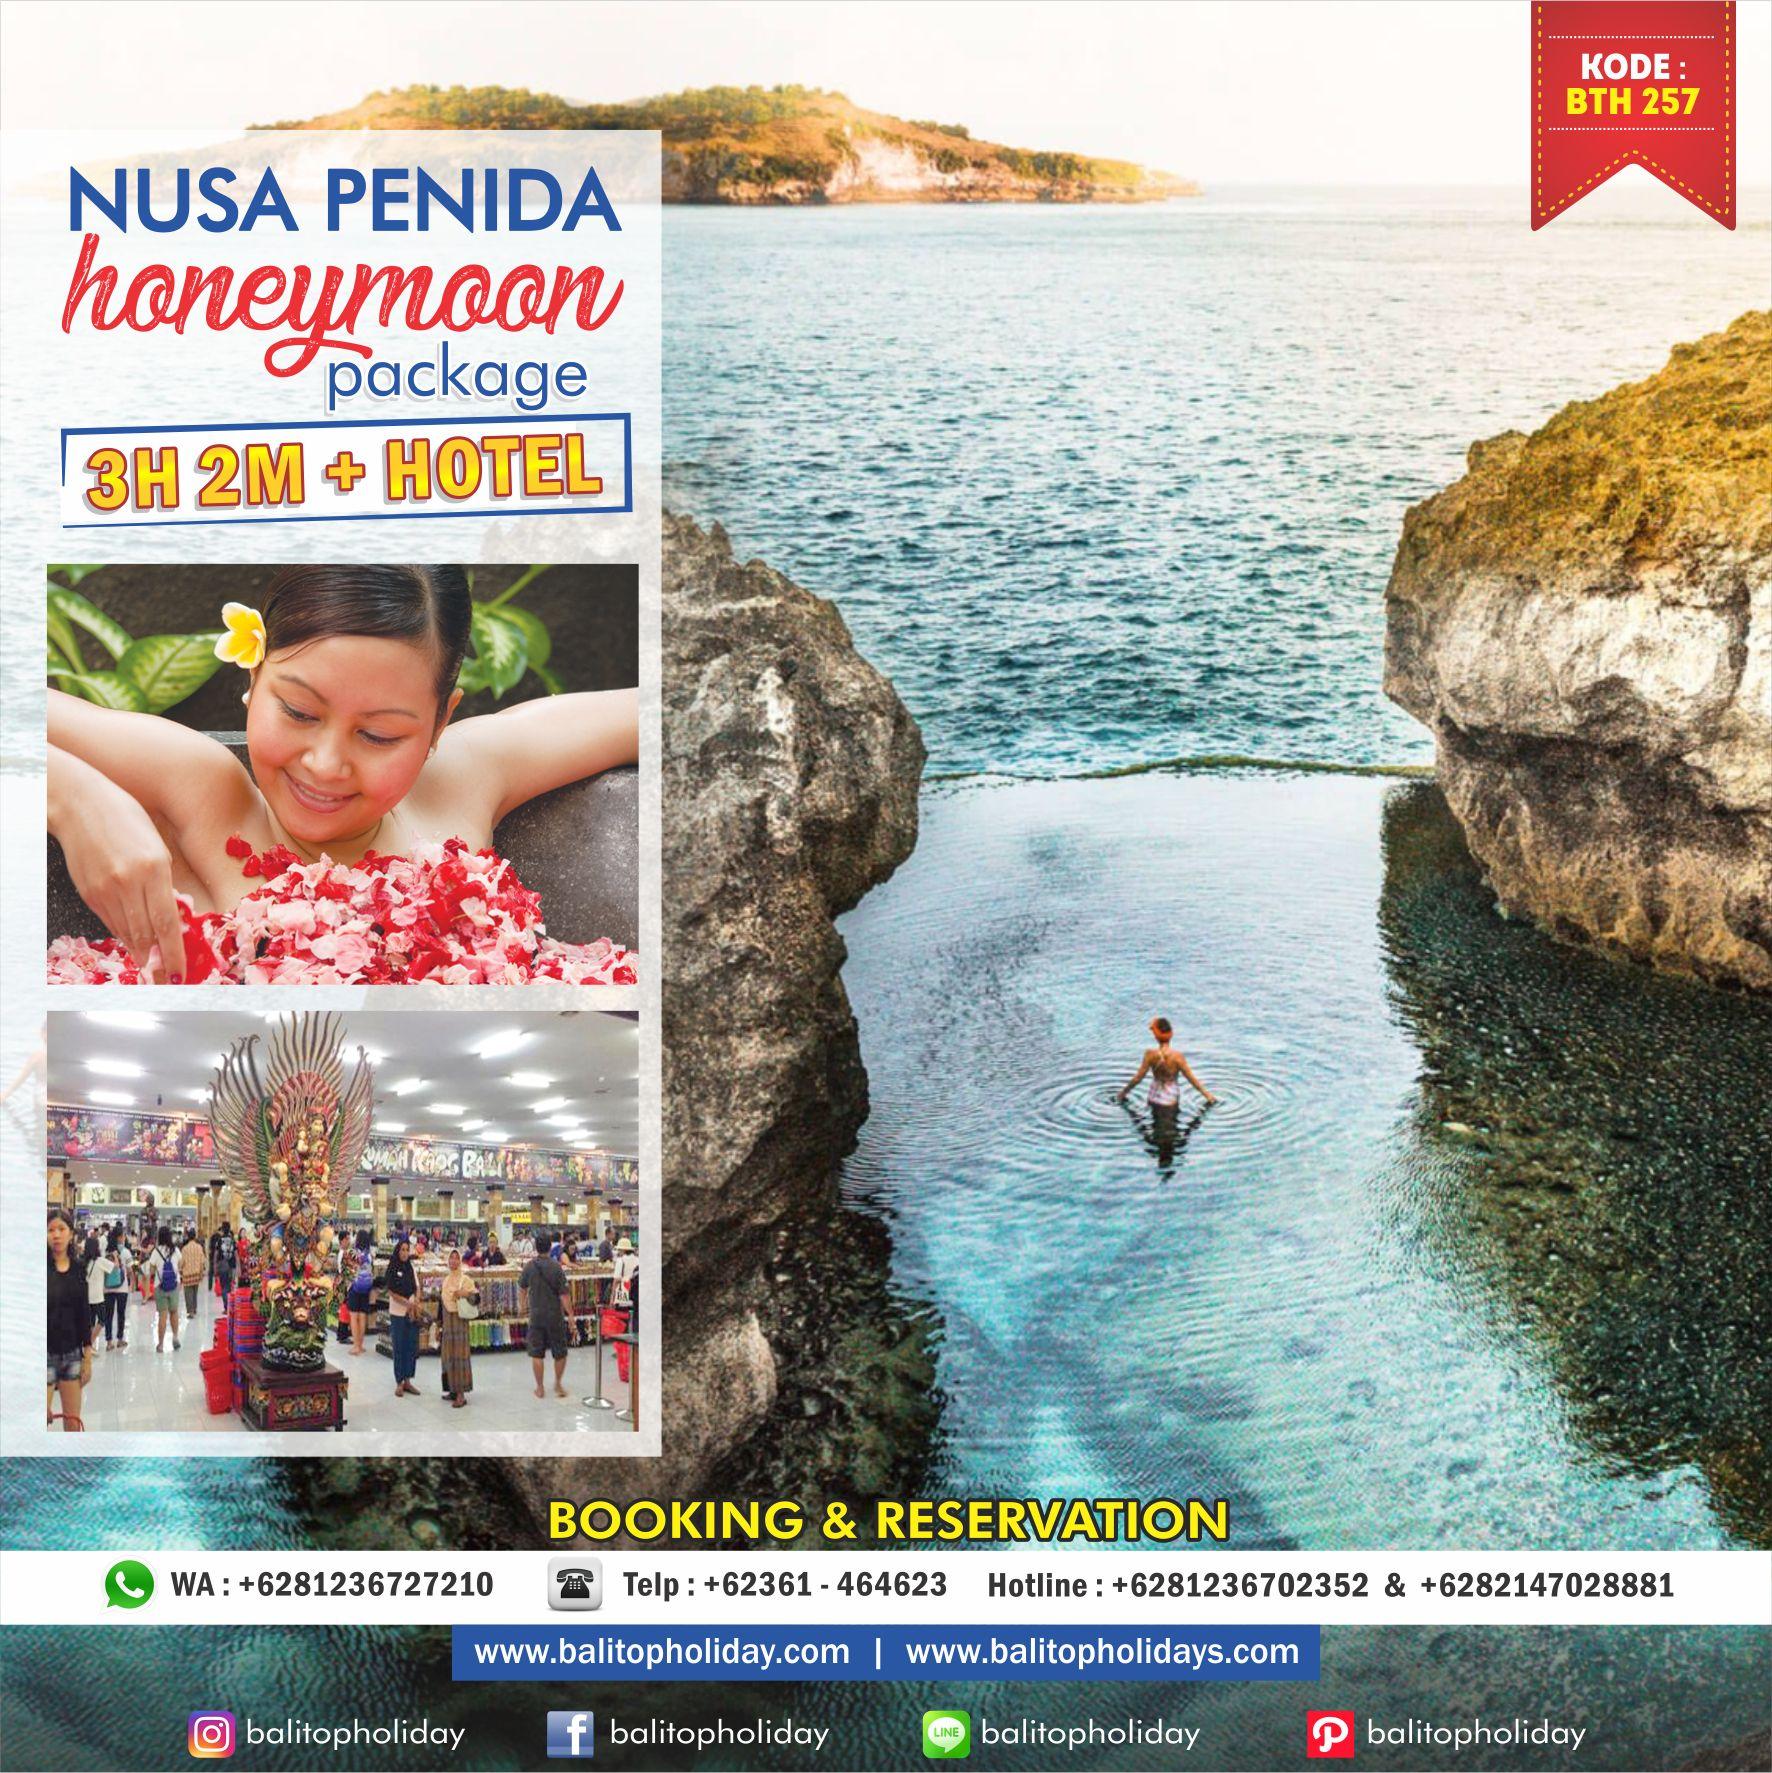 Paket Honeymoon Bali Nusa Penida 3H2M